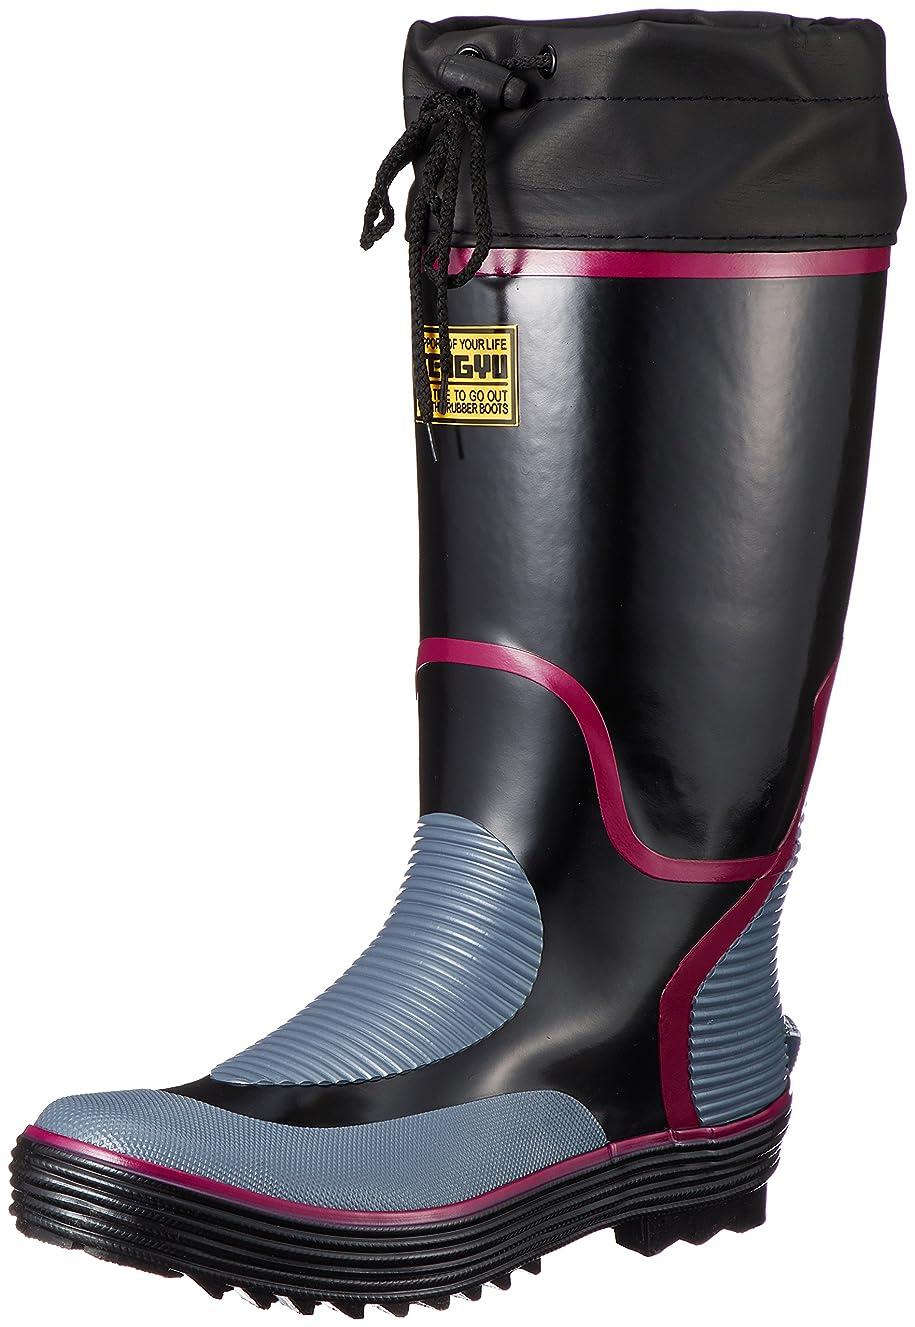 [フジテブクロ] 長靴 作業靴 レインブーツ カラーブーツ カバー付 3E 899 メンズ